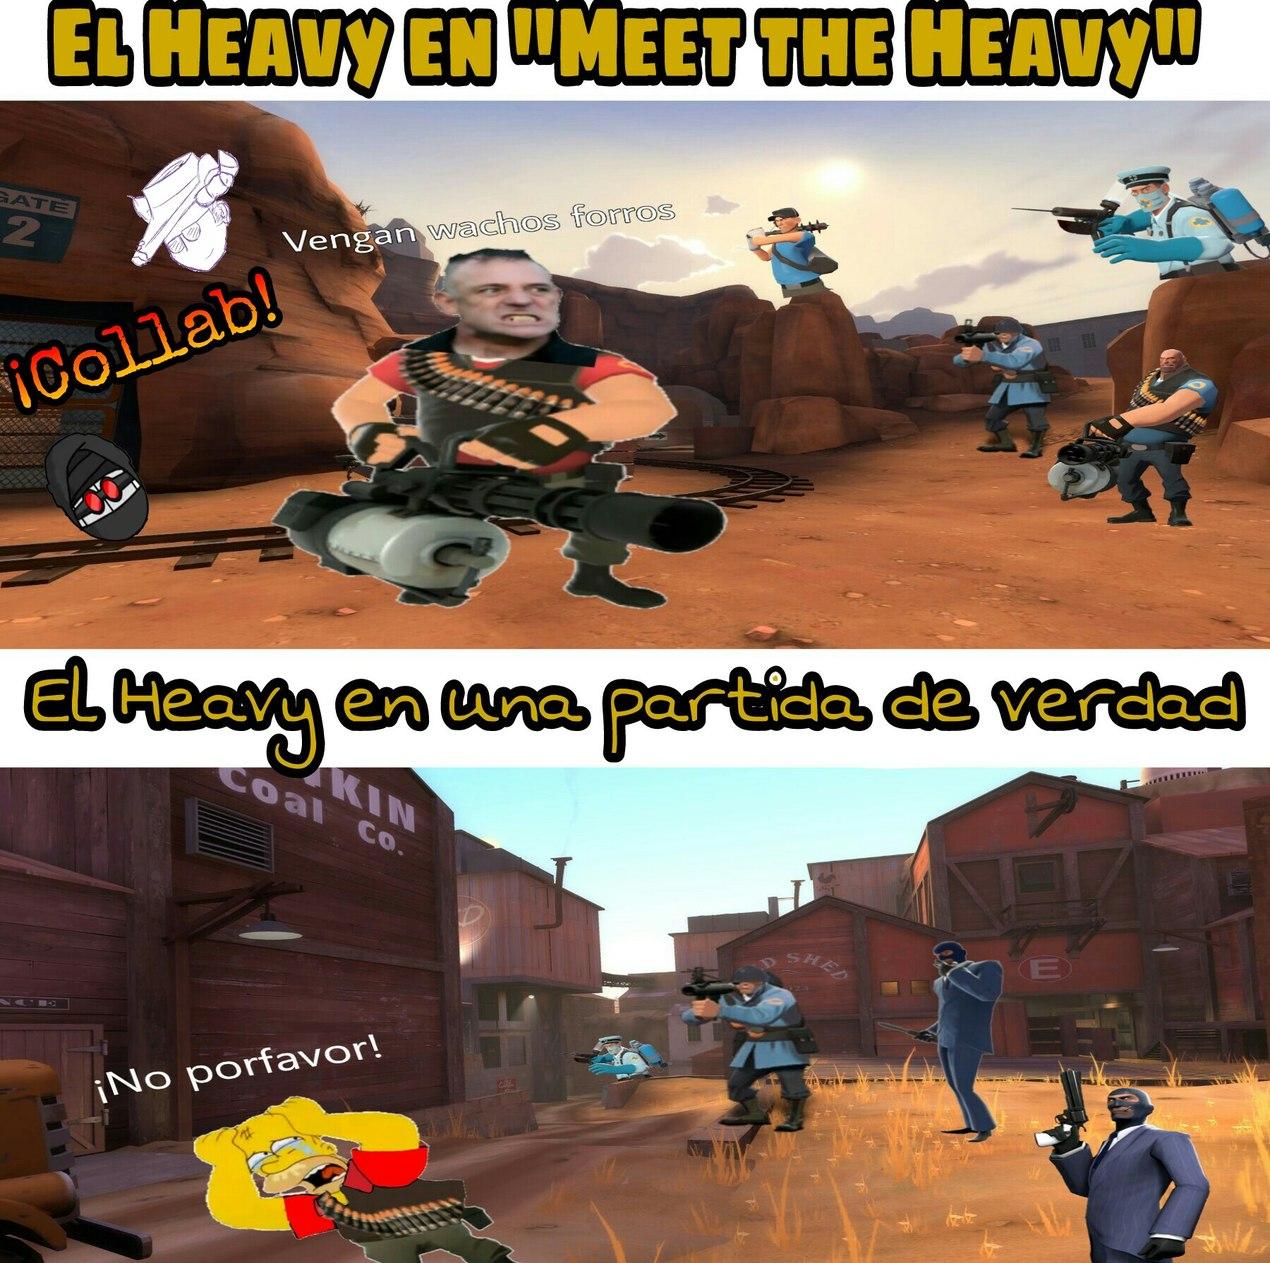 Colaboración con Megacabra985123, síganlo para que empiece bien en la comunidad - meme